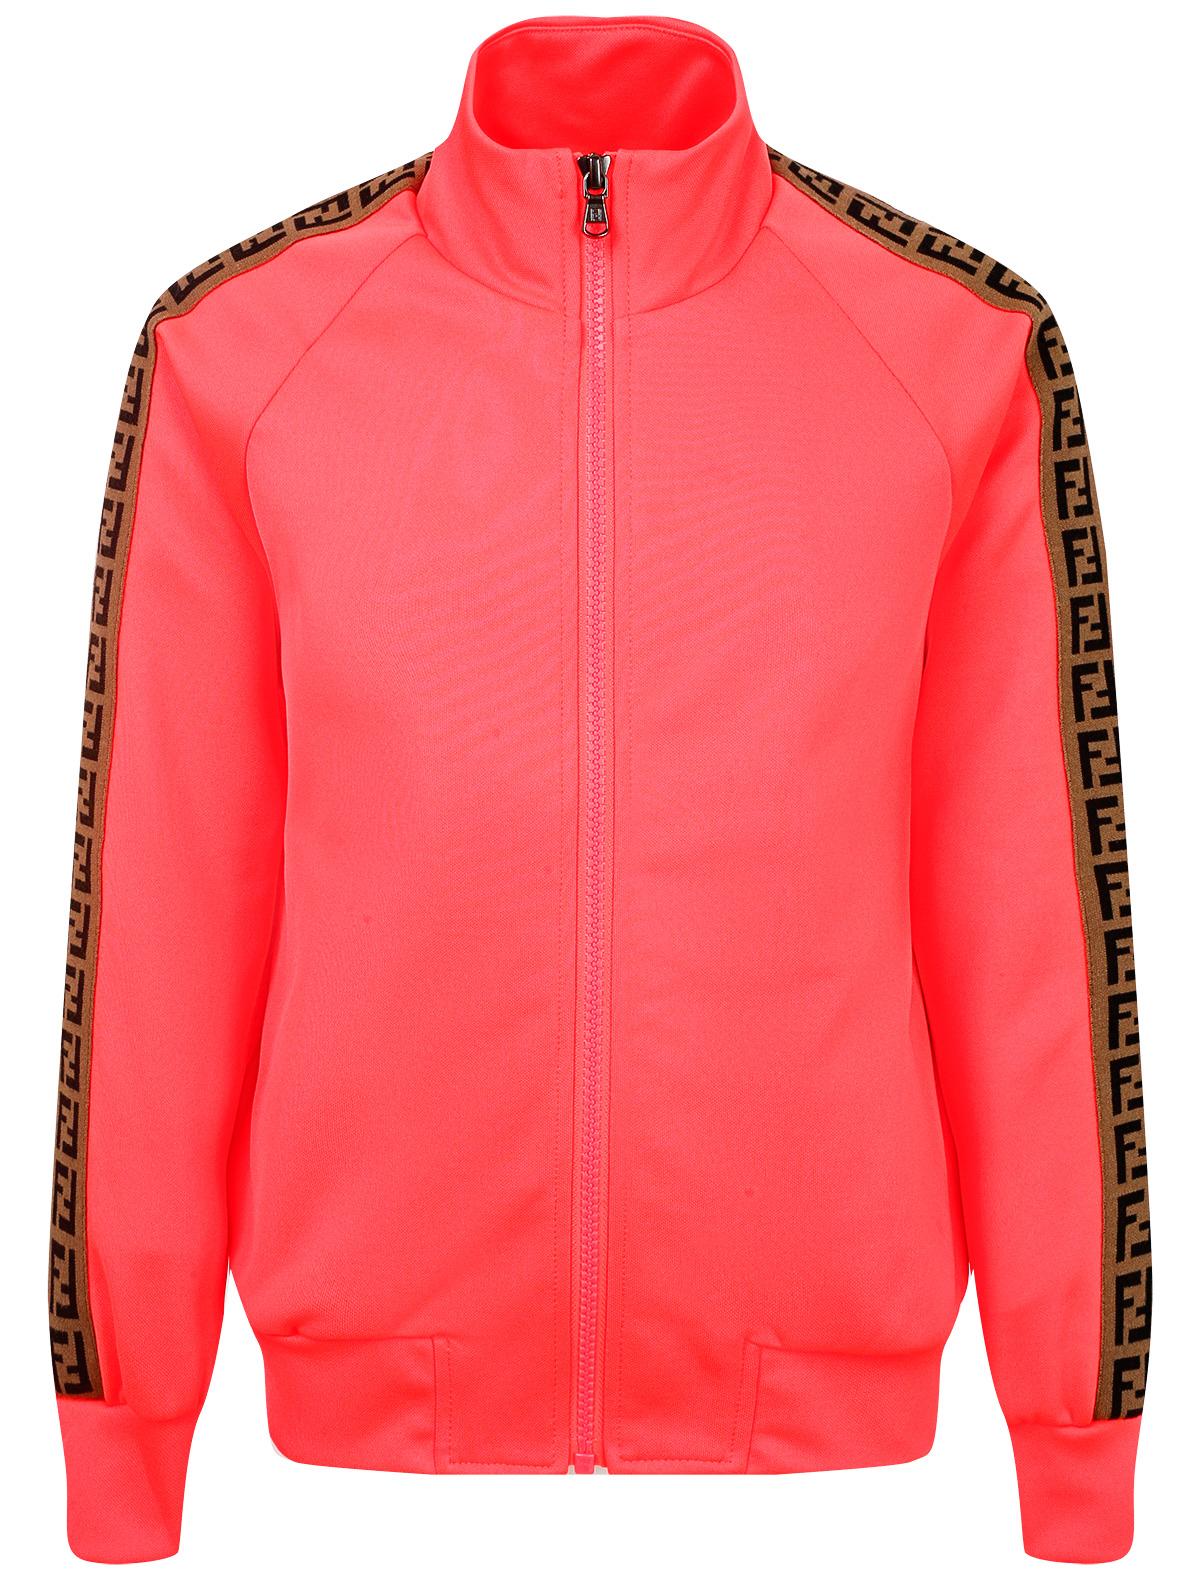 2040437, Толстовка Fendi, розовый, 0072629980018  - купить со скидкой